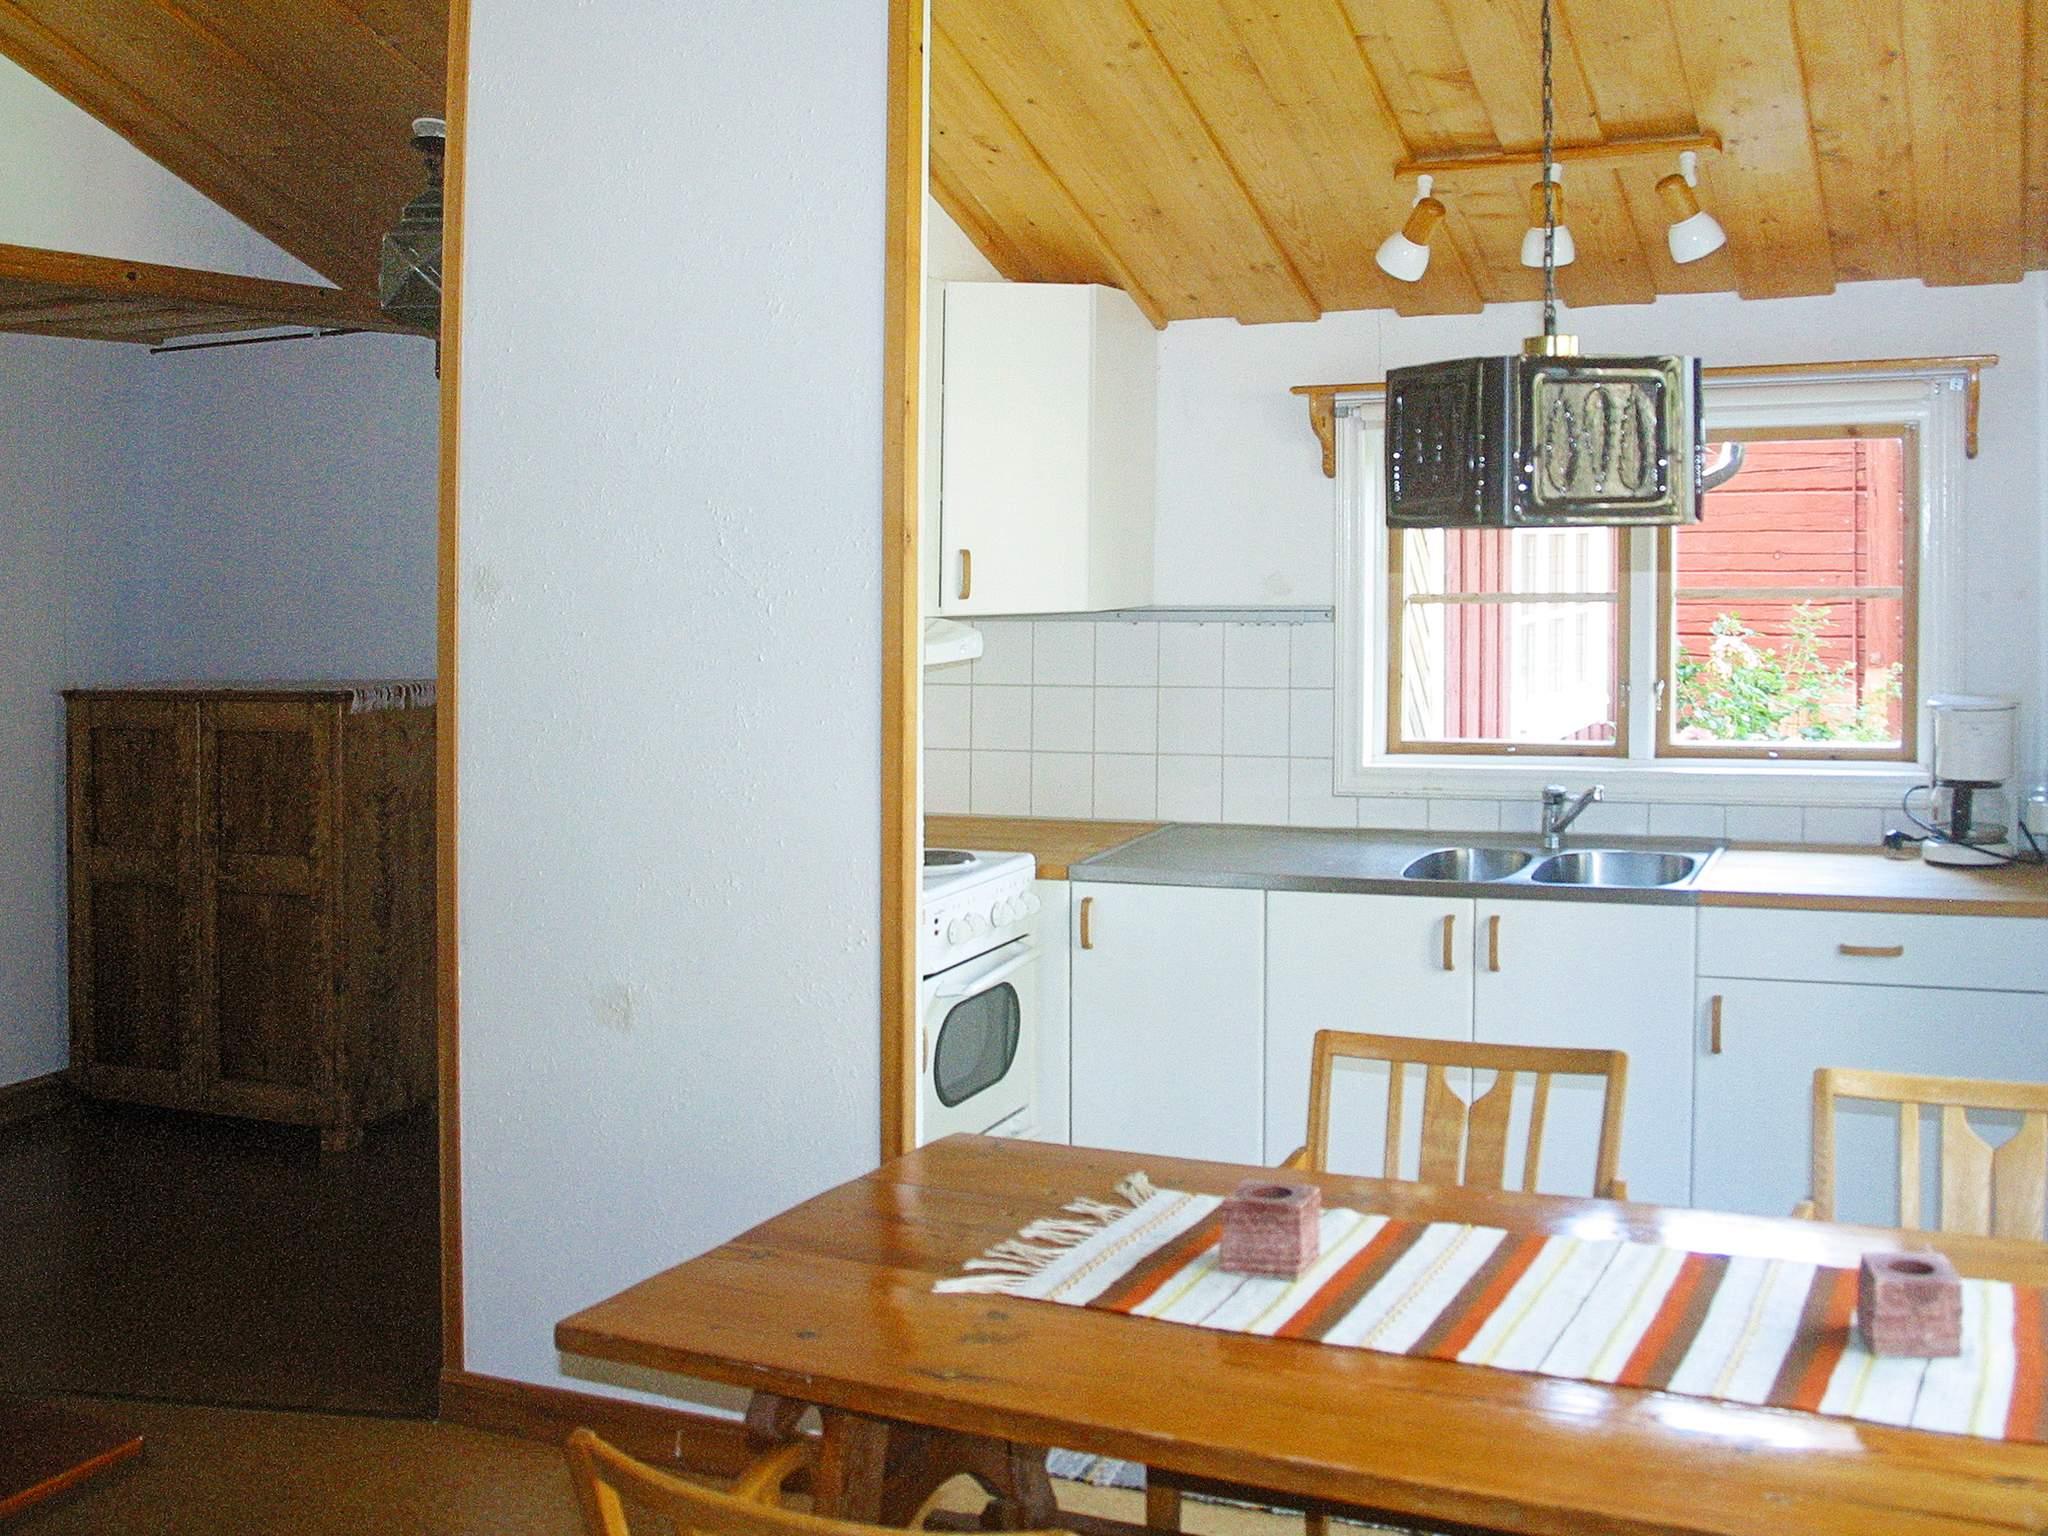 Ferienhaus Köping (953852), Köping, Västmanlands län, Mittelschweden, Schweden, Bild 11